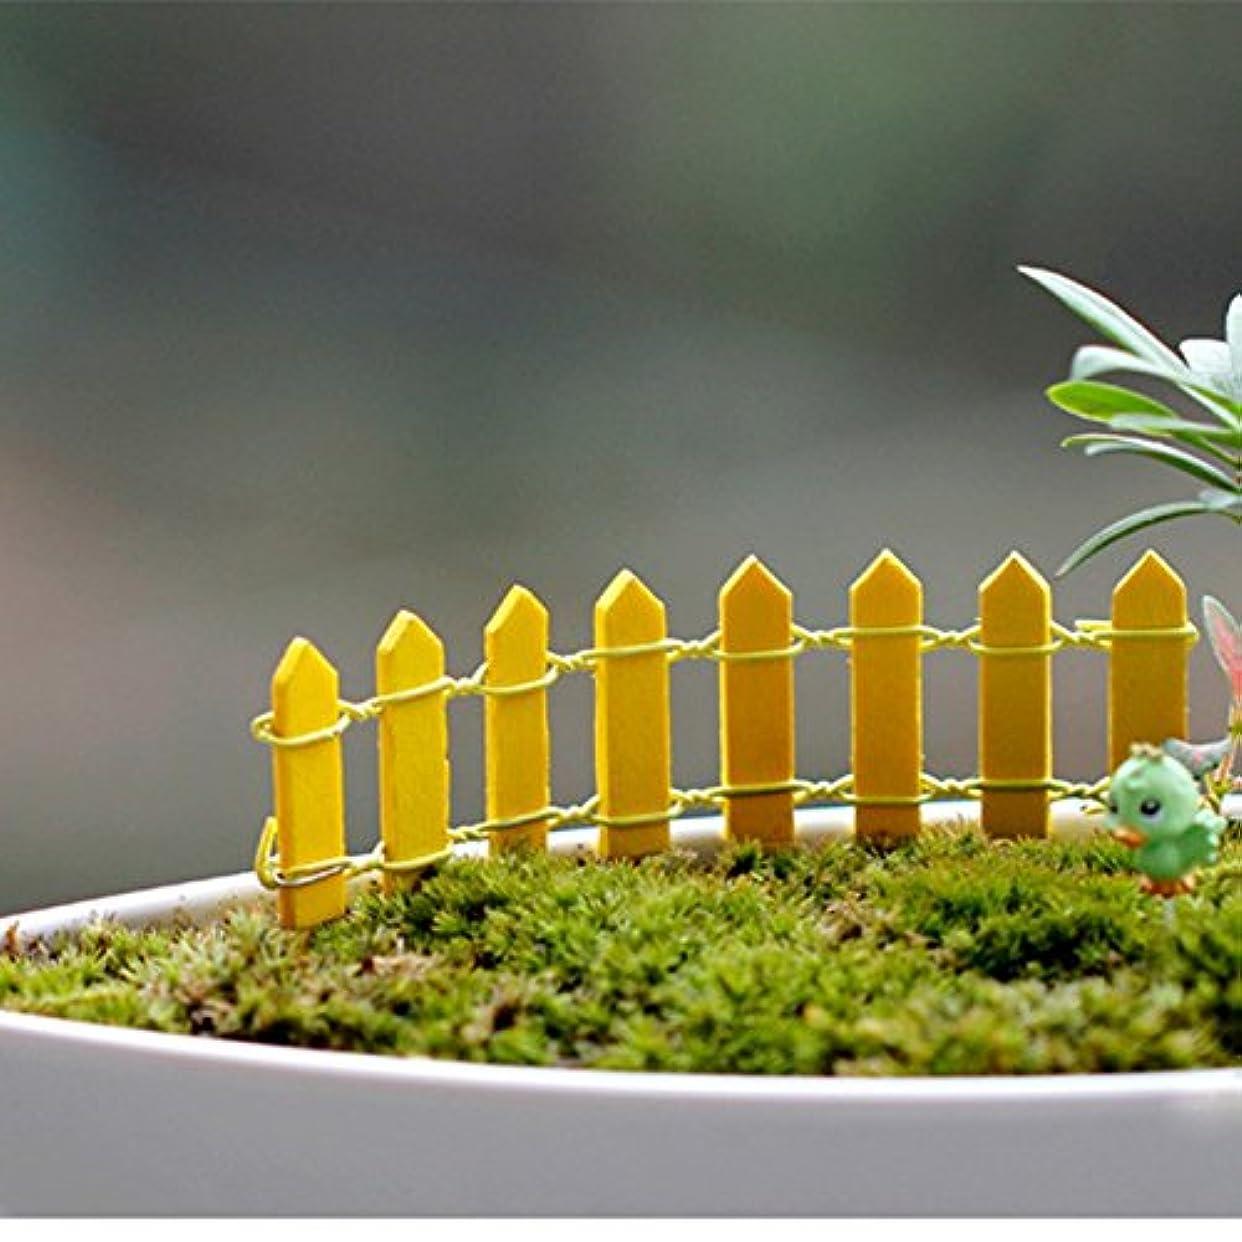 収束種をまくレギュラーJicorzo - 20個DIY木製の小さなフェンスモステラリウム植木鉢工芸ミニおもちゃフェアリーガーデンミニチュア[イエロー]